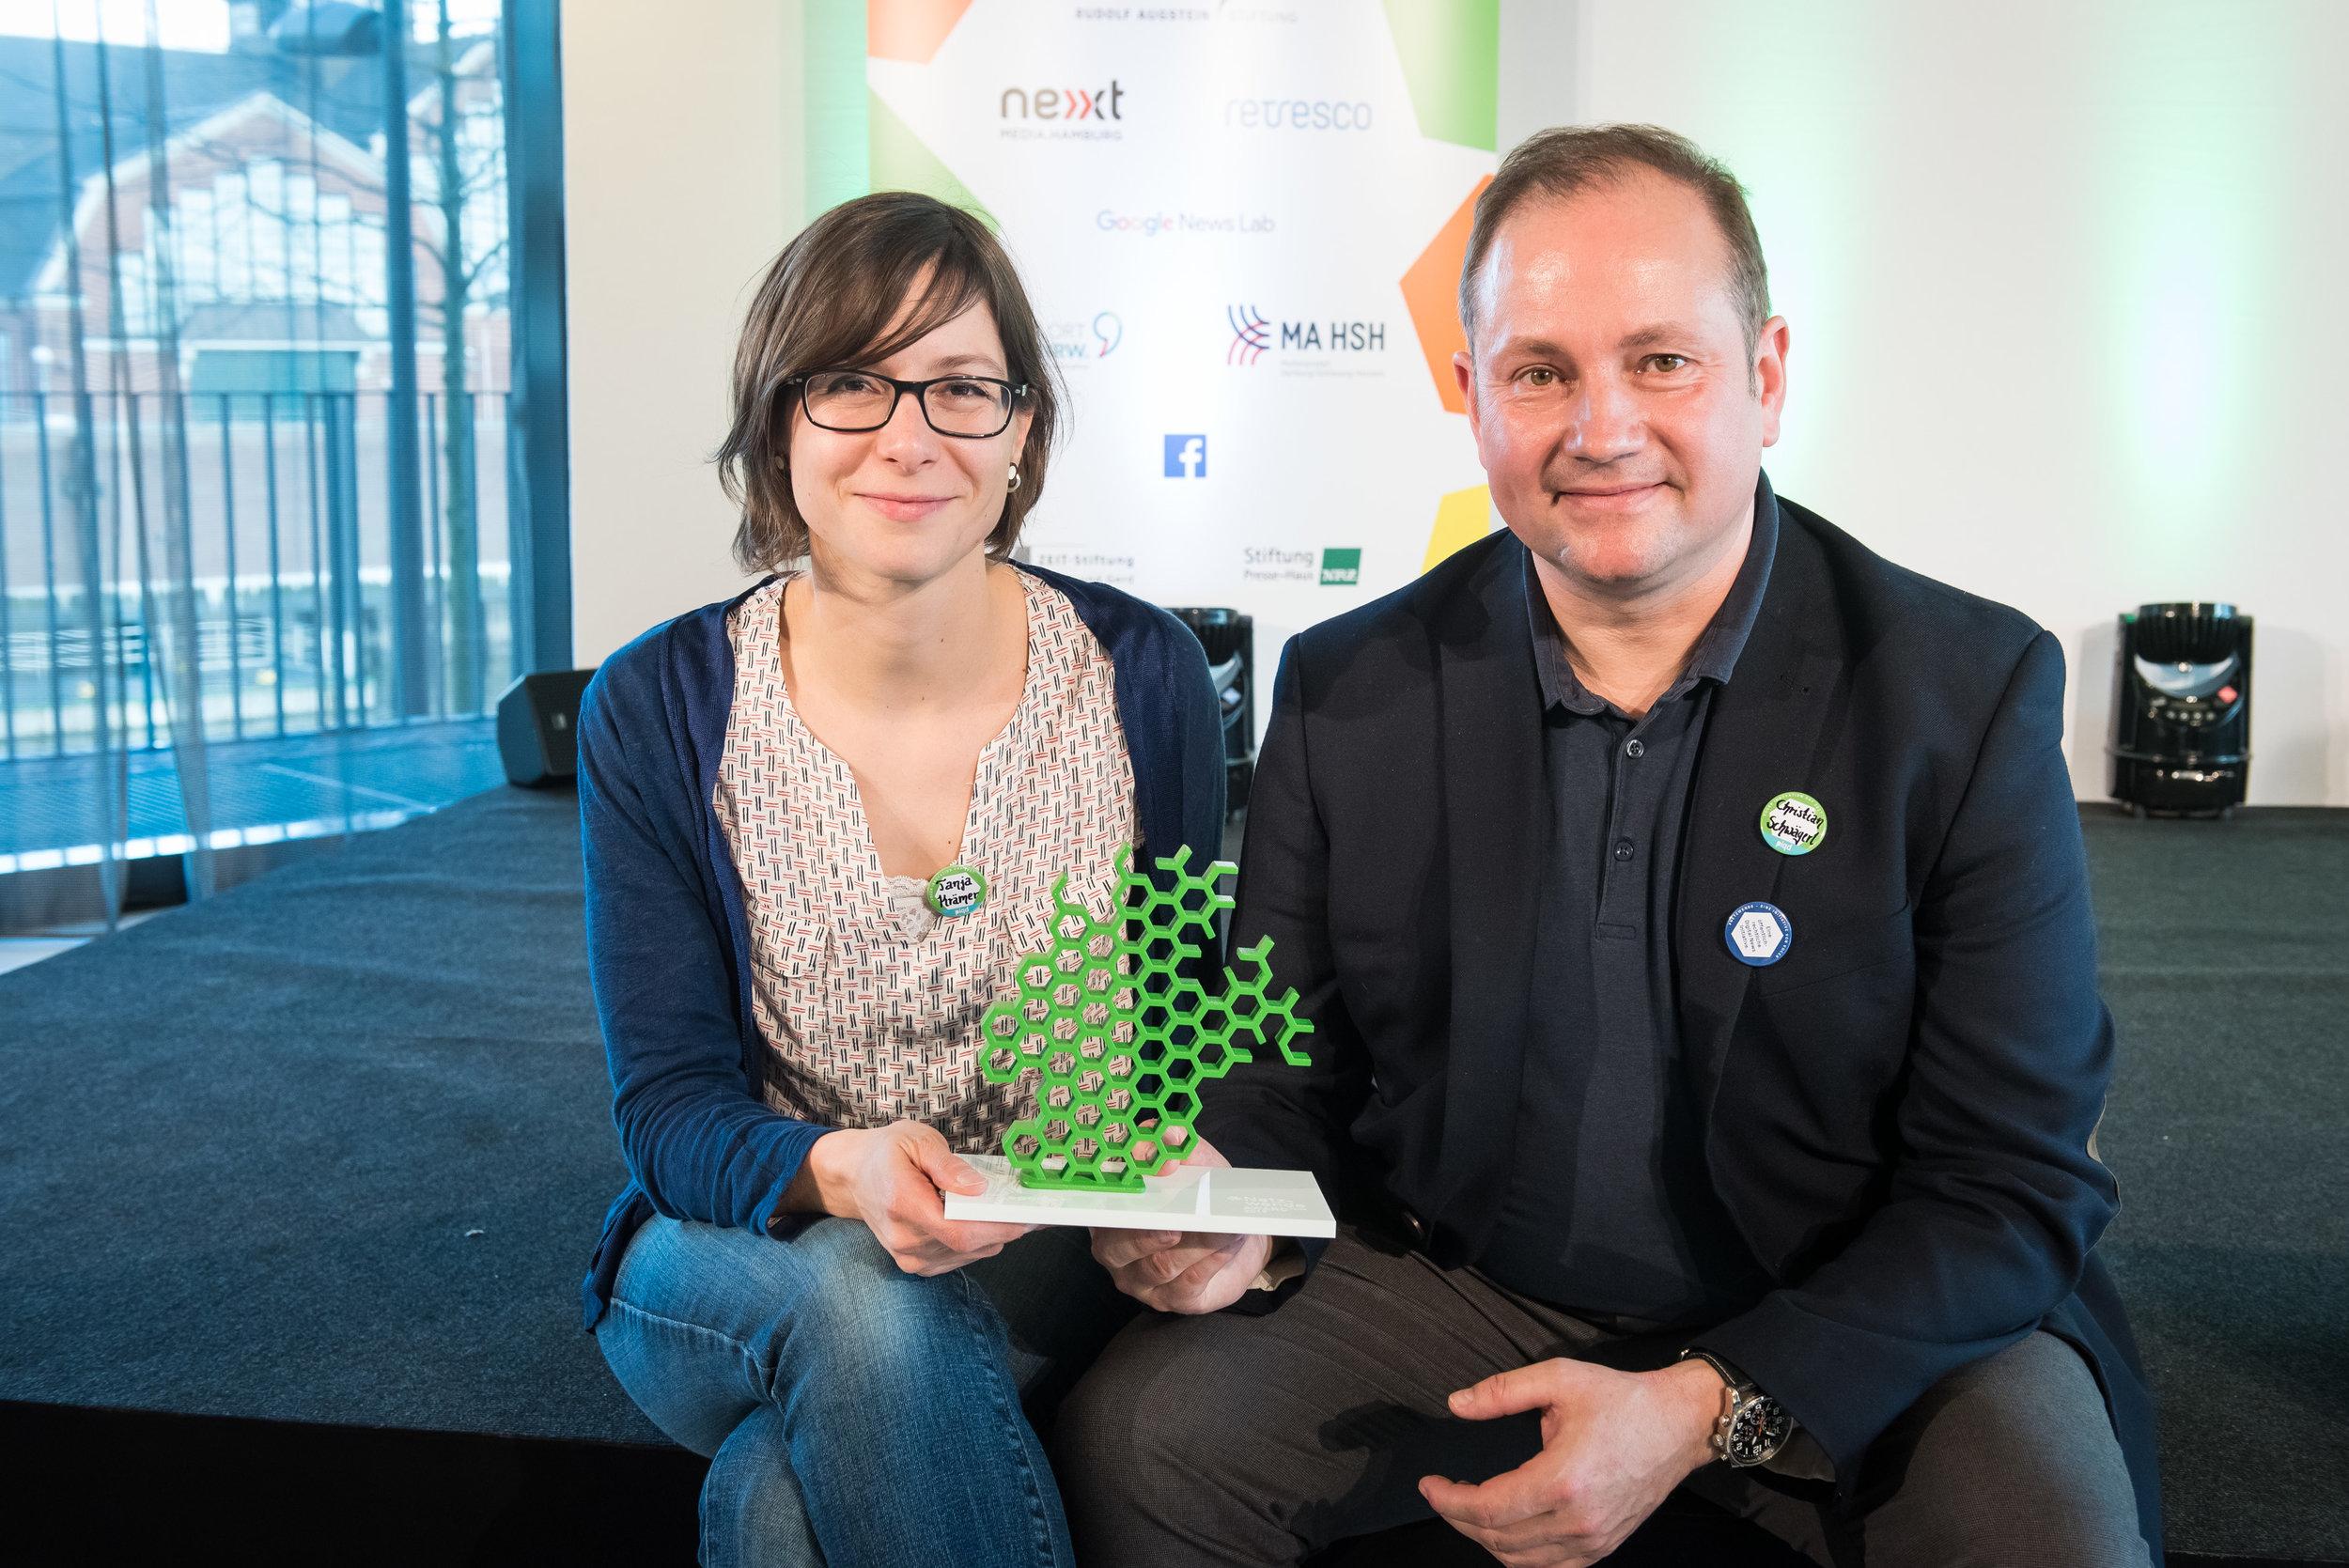 Die Preisträger 2017: RiffReporter - Tanja Krämer und Christian Schwägerl von RiffReporter (Foto: Jörg Müller/VOCE R- freie Nutzung bei Namensnennung)Download